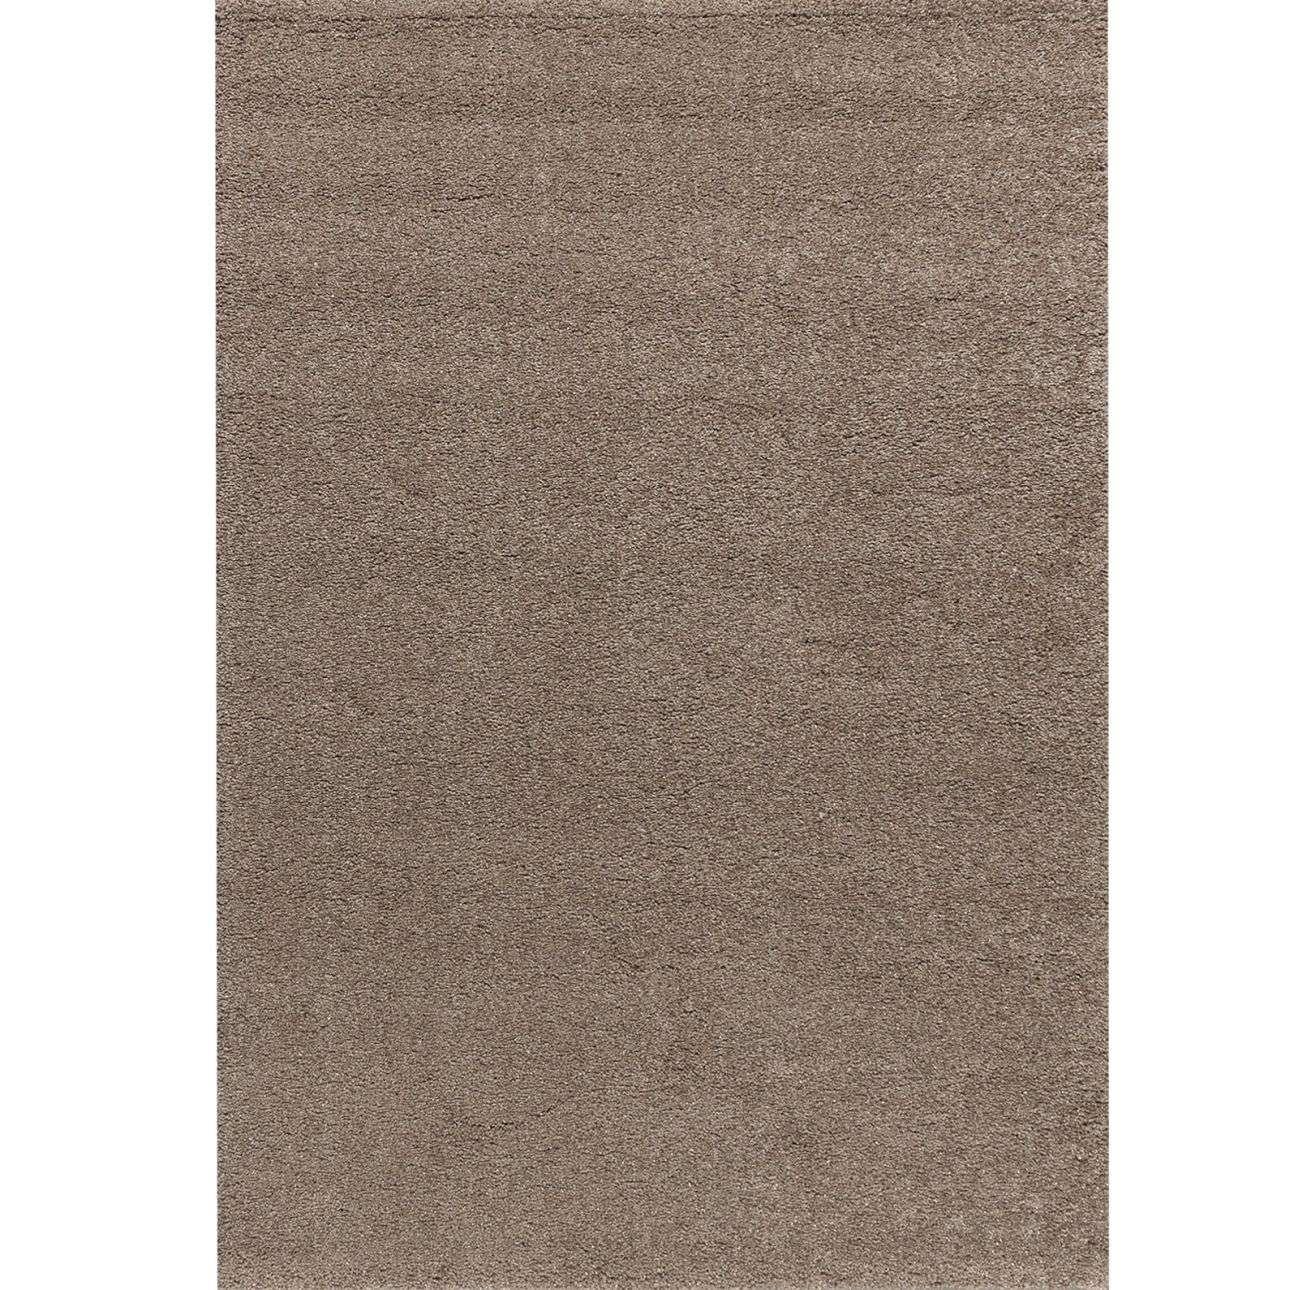 Koberec Deluxe Brown/gold 120x170cm